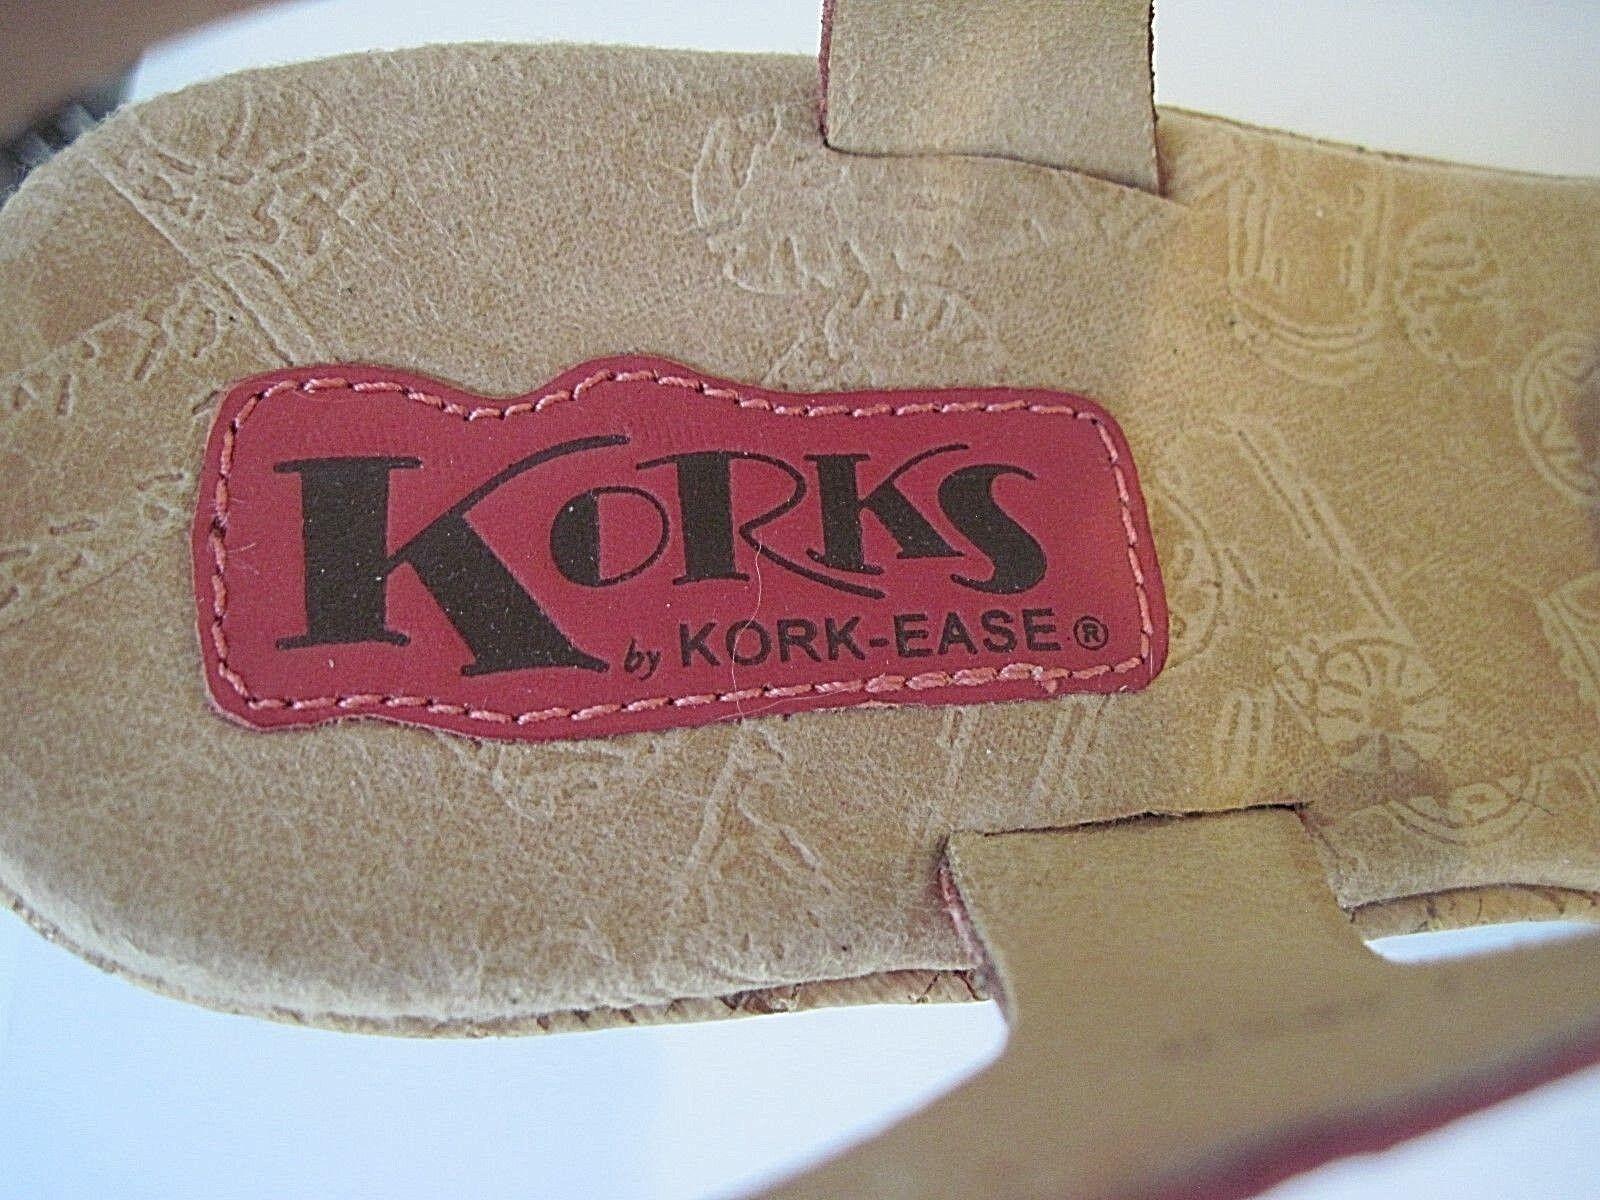 Korks by Kork-Ease DELLA Pink Größe Leder Platform Wedge Sandales Größe Pink 8/ EU 39 149ae6